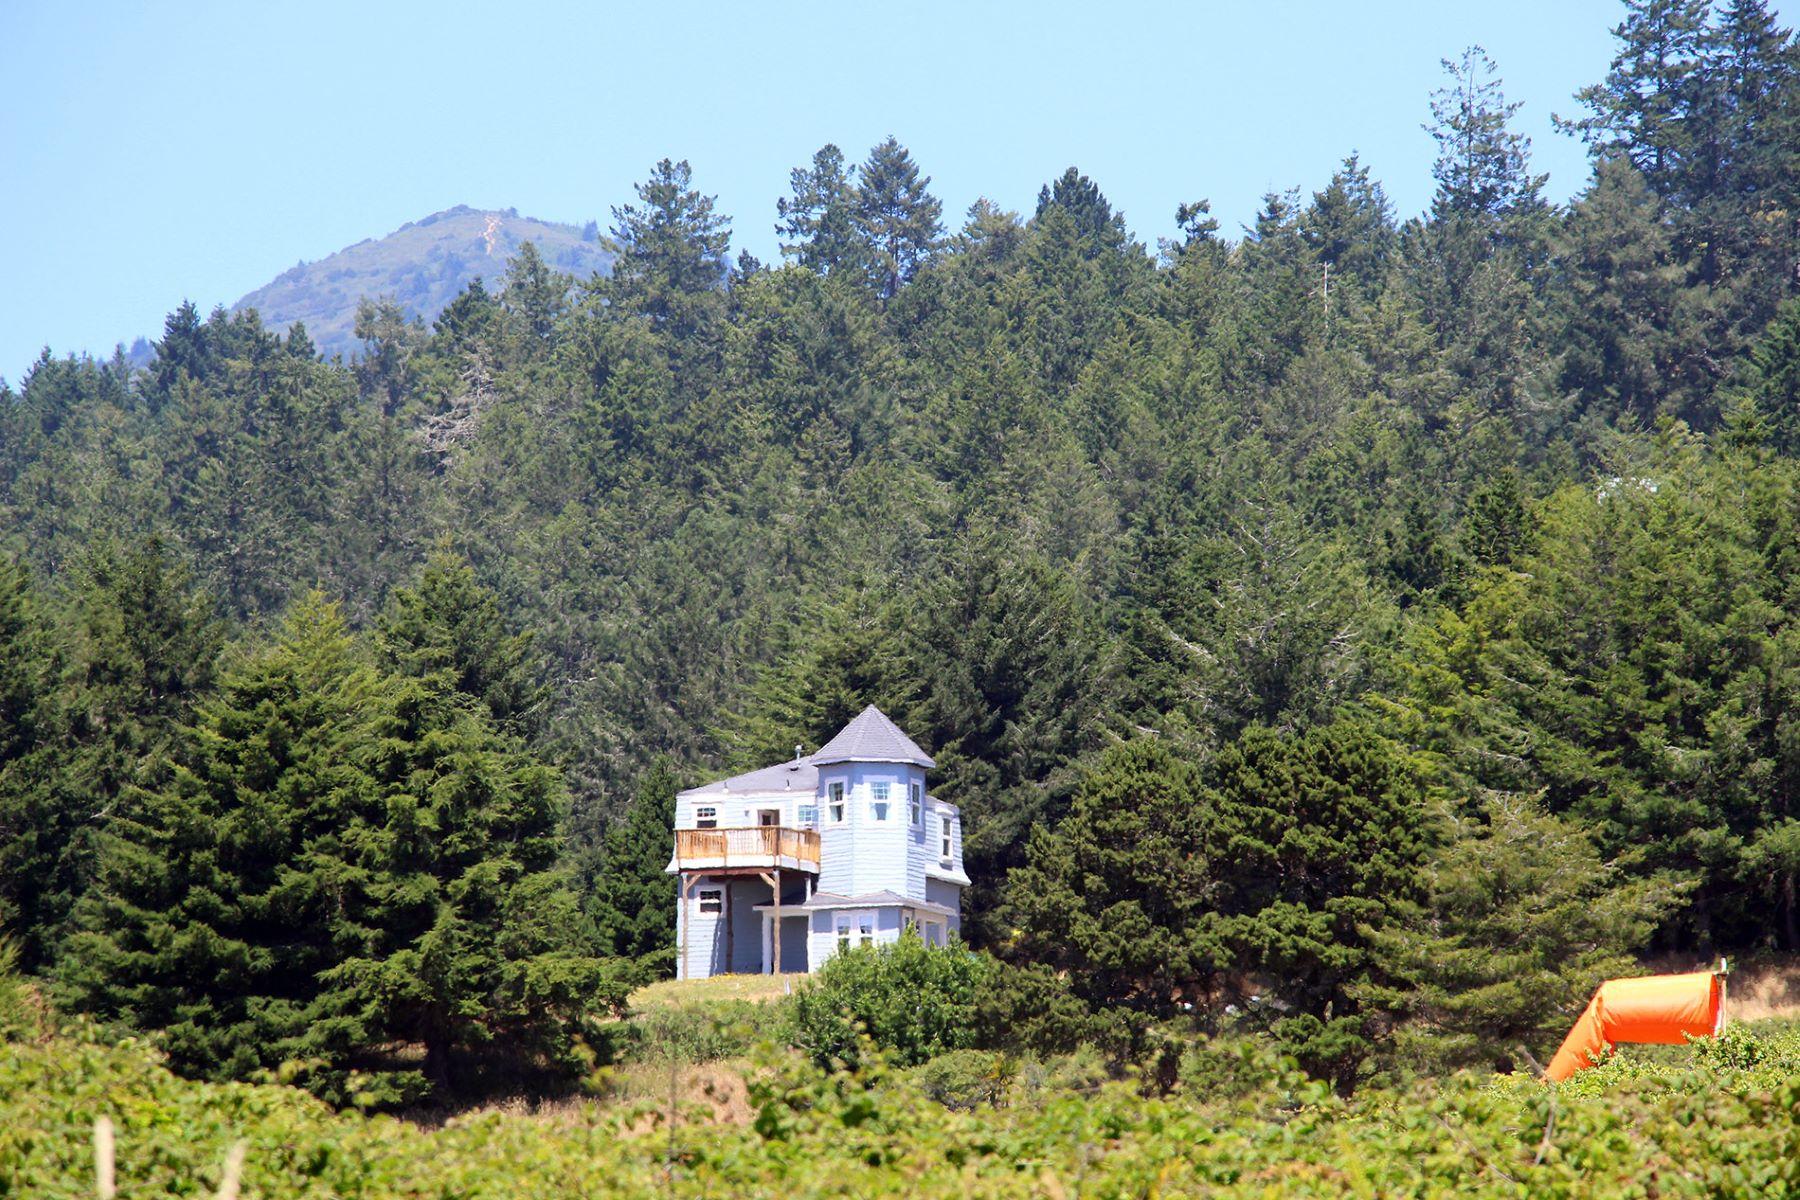 Частный односемейный дом для того Продажа на Cape Cod style home with amazing ocean views 9487 Shelter Cove Road Shelter Cove, Калифорния, 95589 Соединенные Штаты